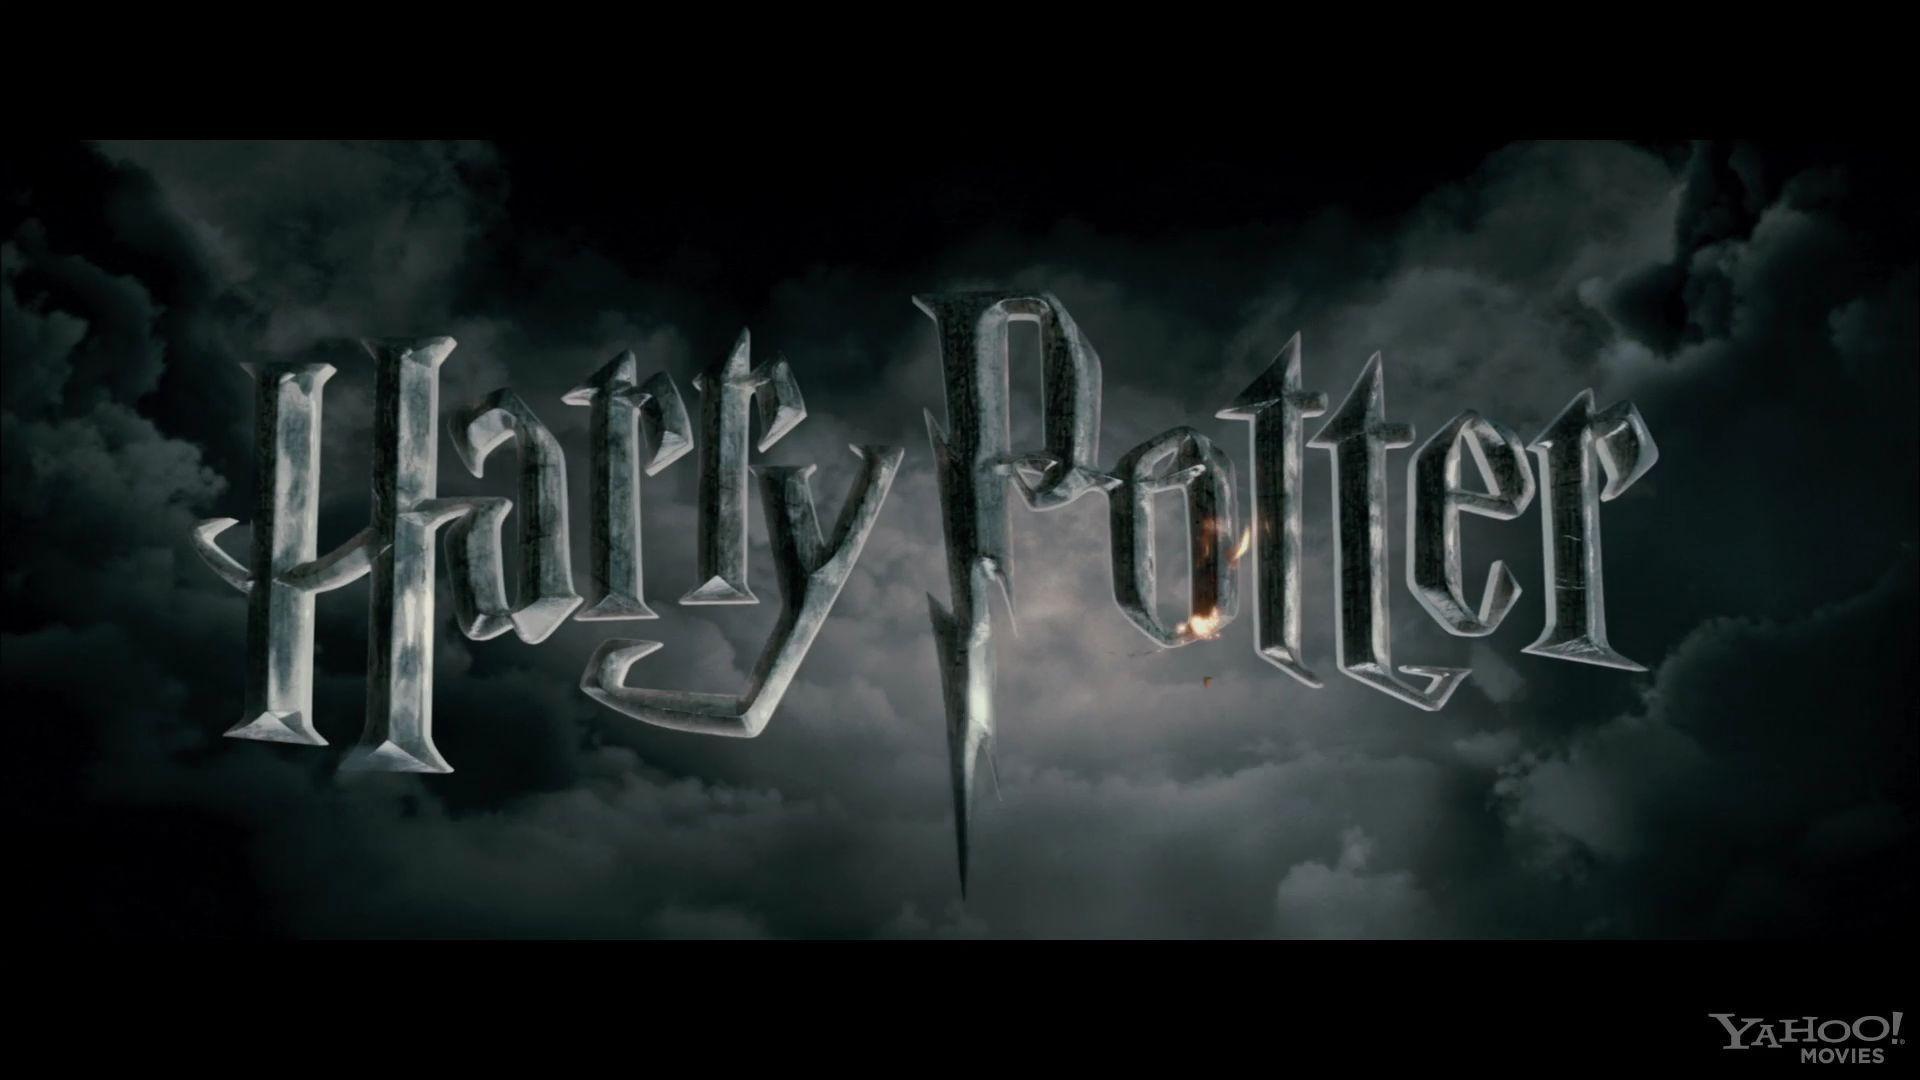 Popular Wallpaper Harry Potter Artsy - 543815  Image_792477.jpg